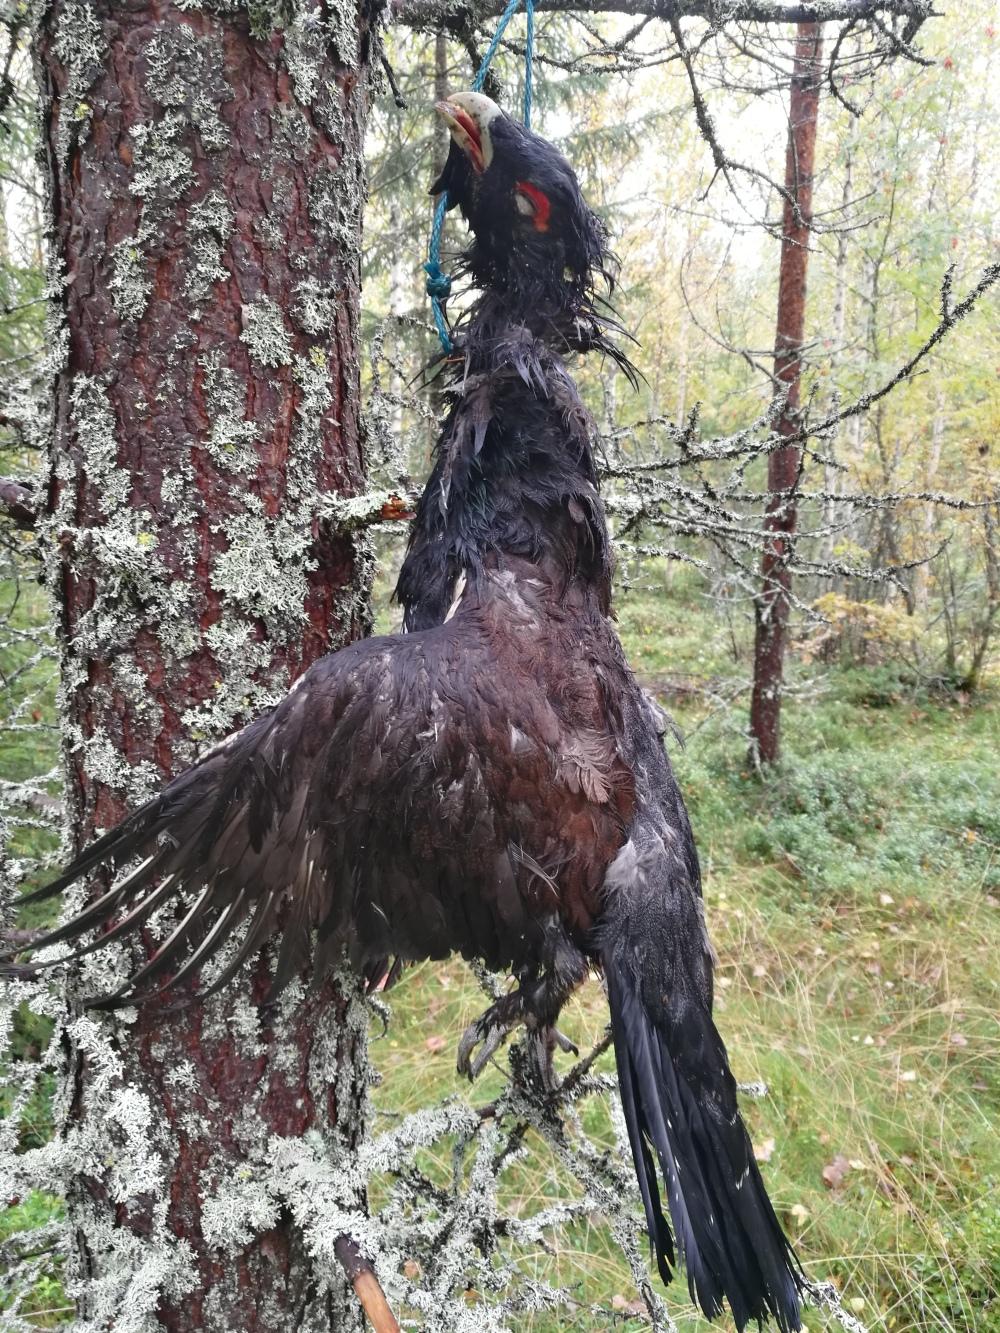 Metsästysblogi, pystykorvan haukusta ammuttu ukkometso.